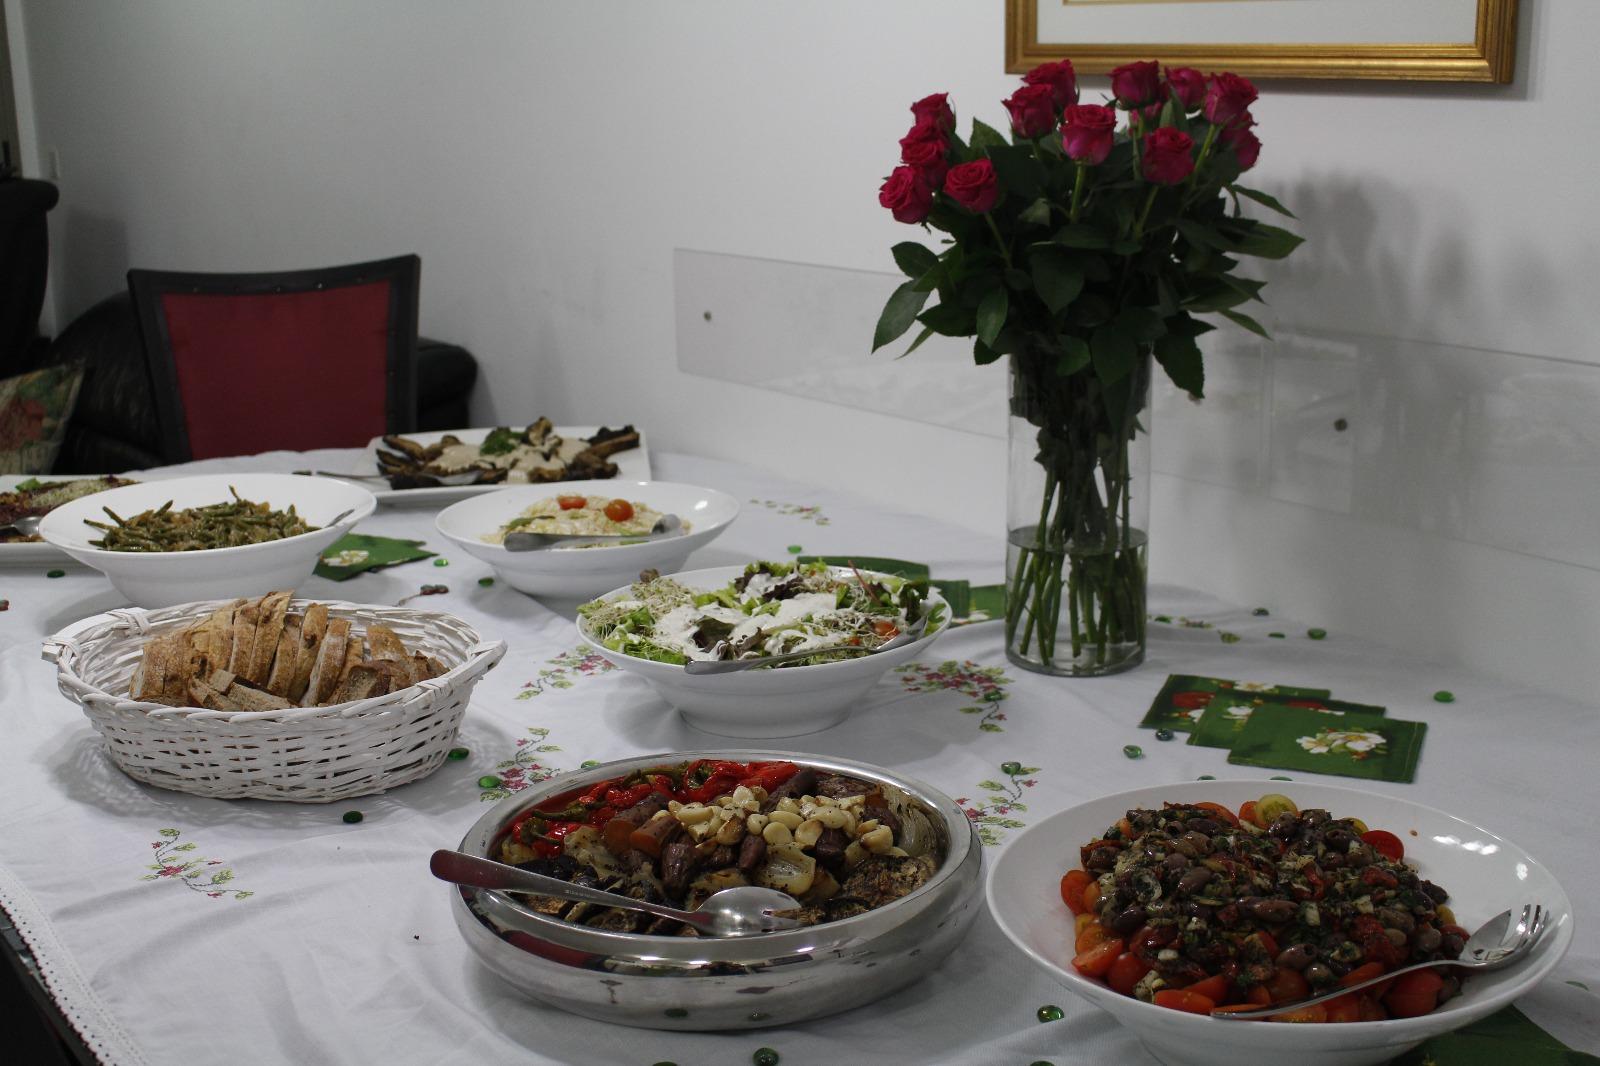 חברת קייטרינג גורמה לאירועים קטנים בבית פרטי – קיטרינג הד שף